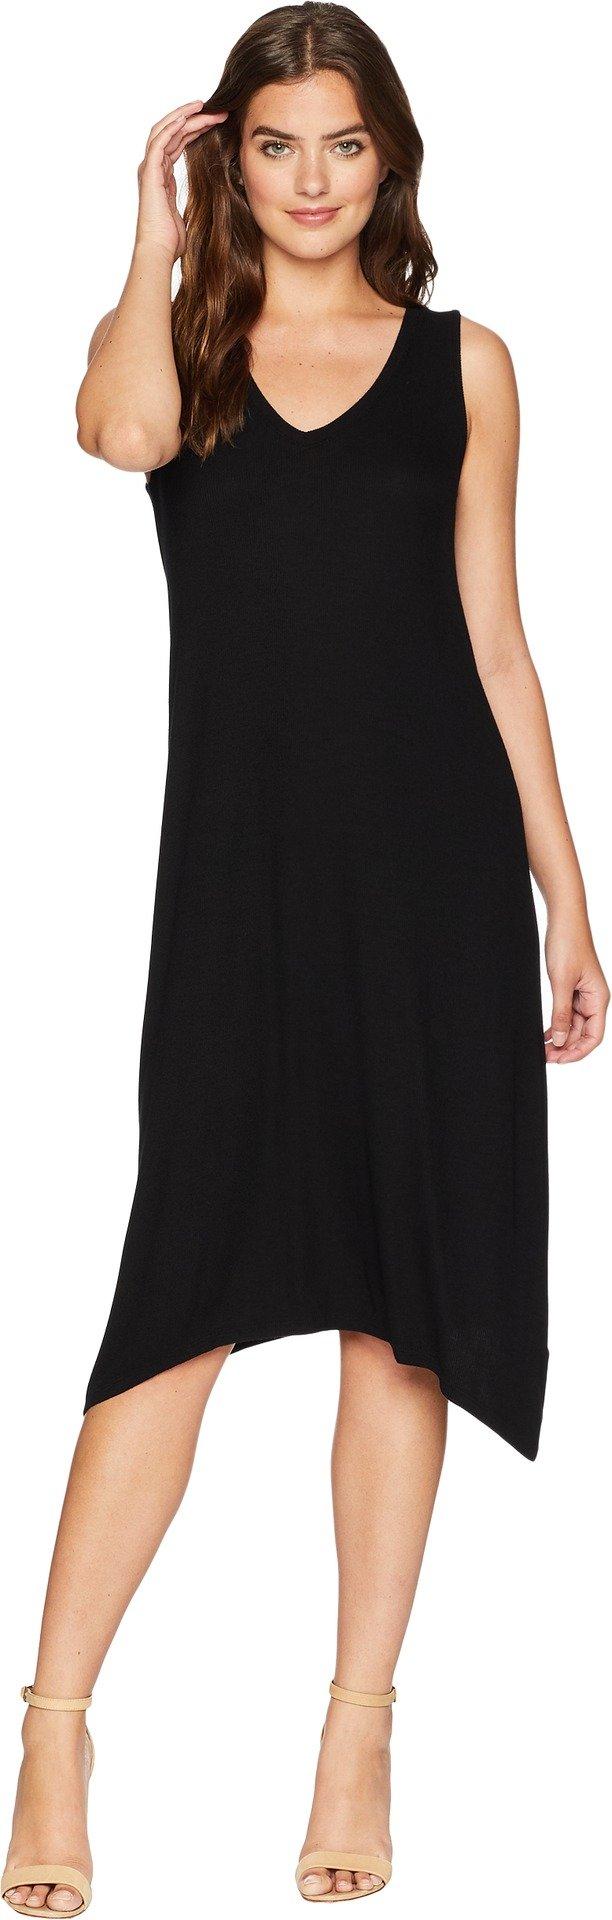 Michael Stars Women's 2x1 Rib Cross Back Tank Dress, Black, Small